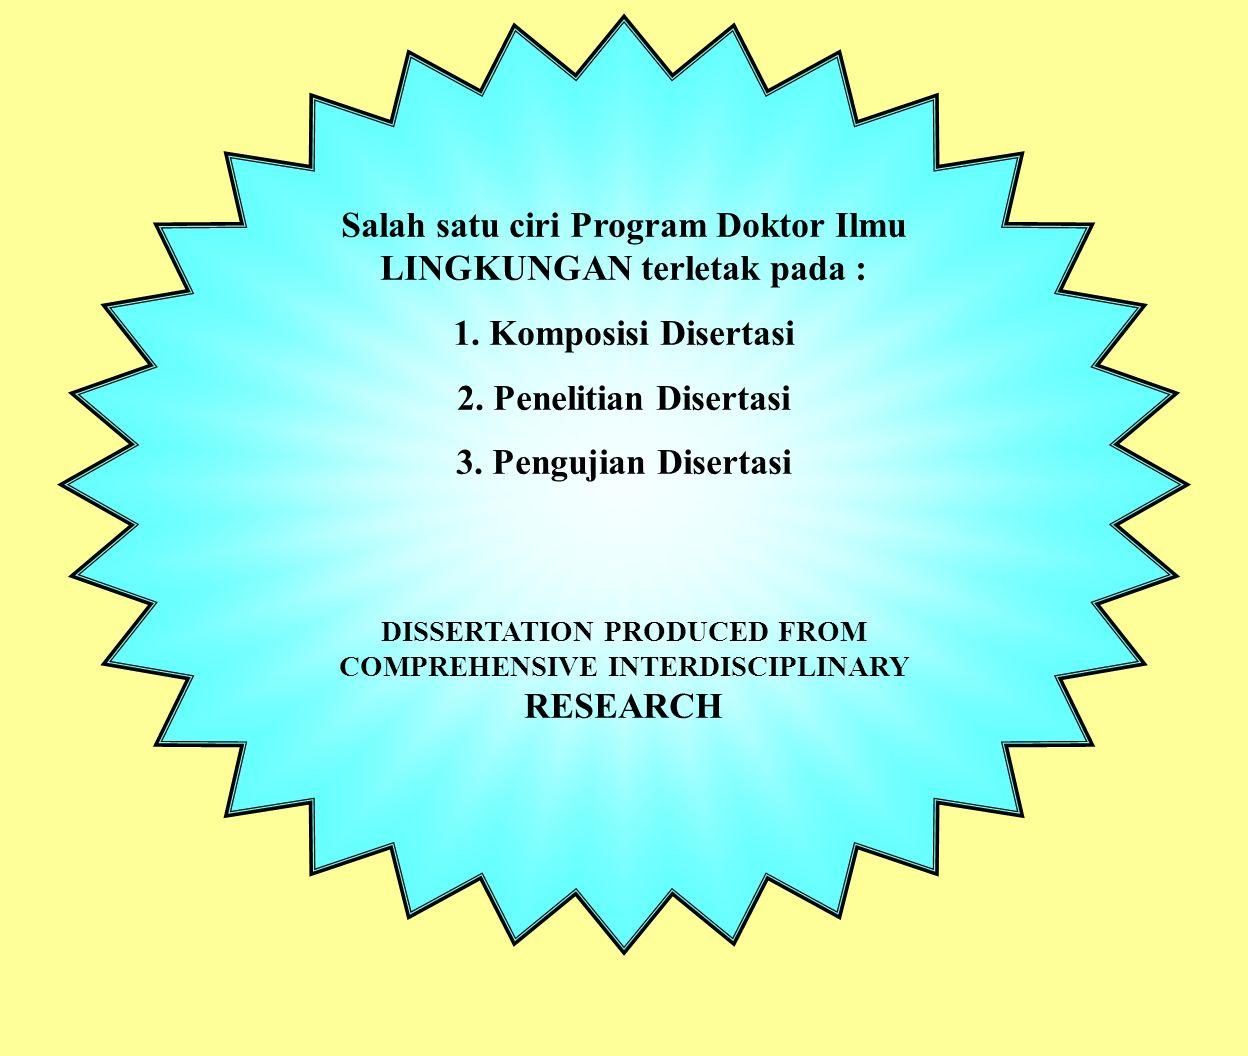 KOMPOSISI BEBAN STUDI UNTUK DISERTASI : Program Doktor Ilmu Lingkungan - PPSUB: Komposisi beban studi Disertasi: 1.